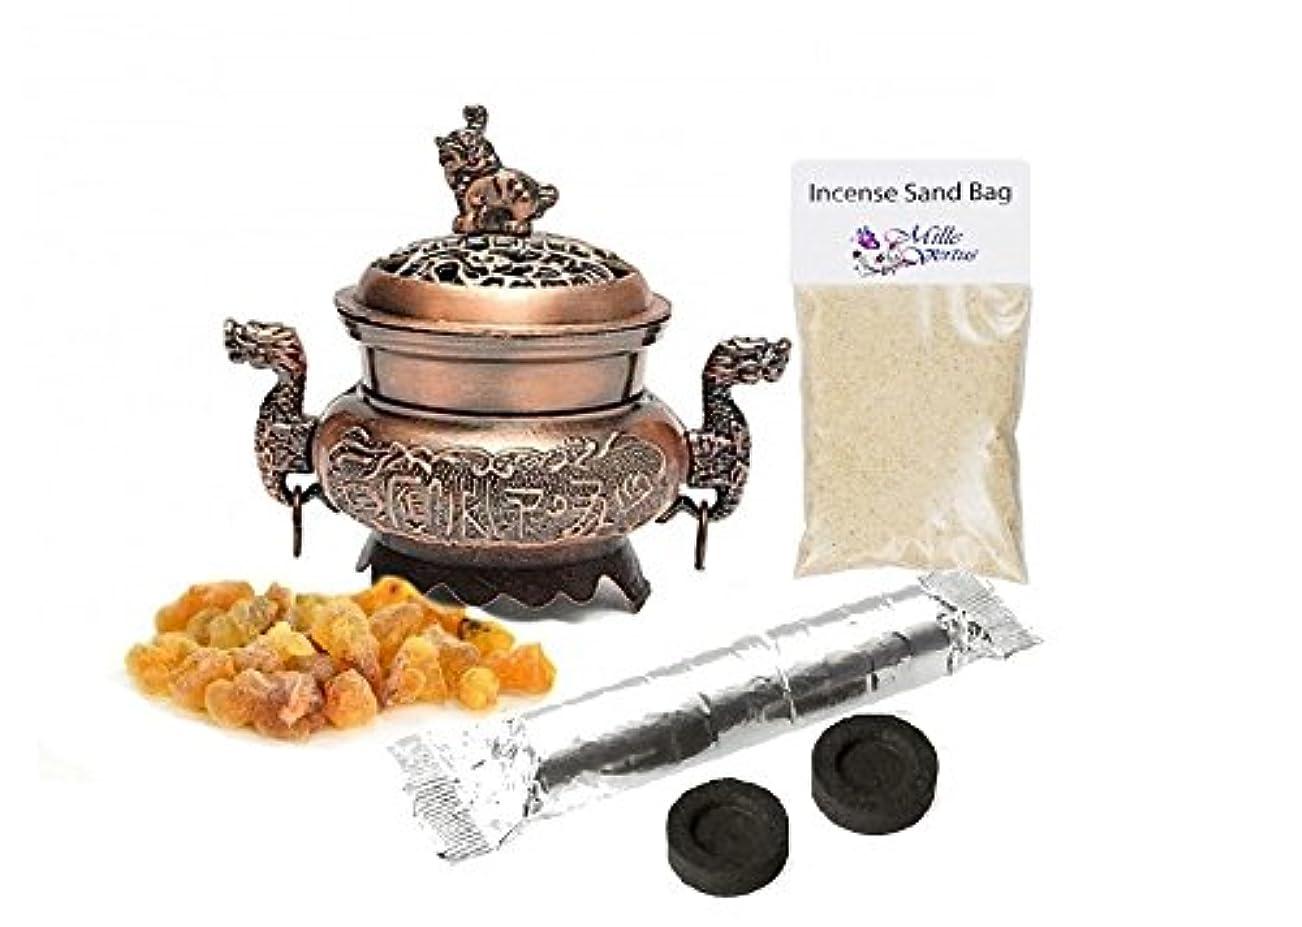 致死化学者製造ダブルドラゴン香炉ホルダーwithアラビアガムAcacia樹脂Incense Burningキット(銅)